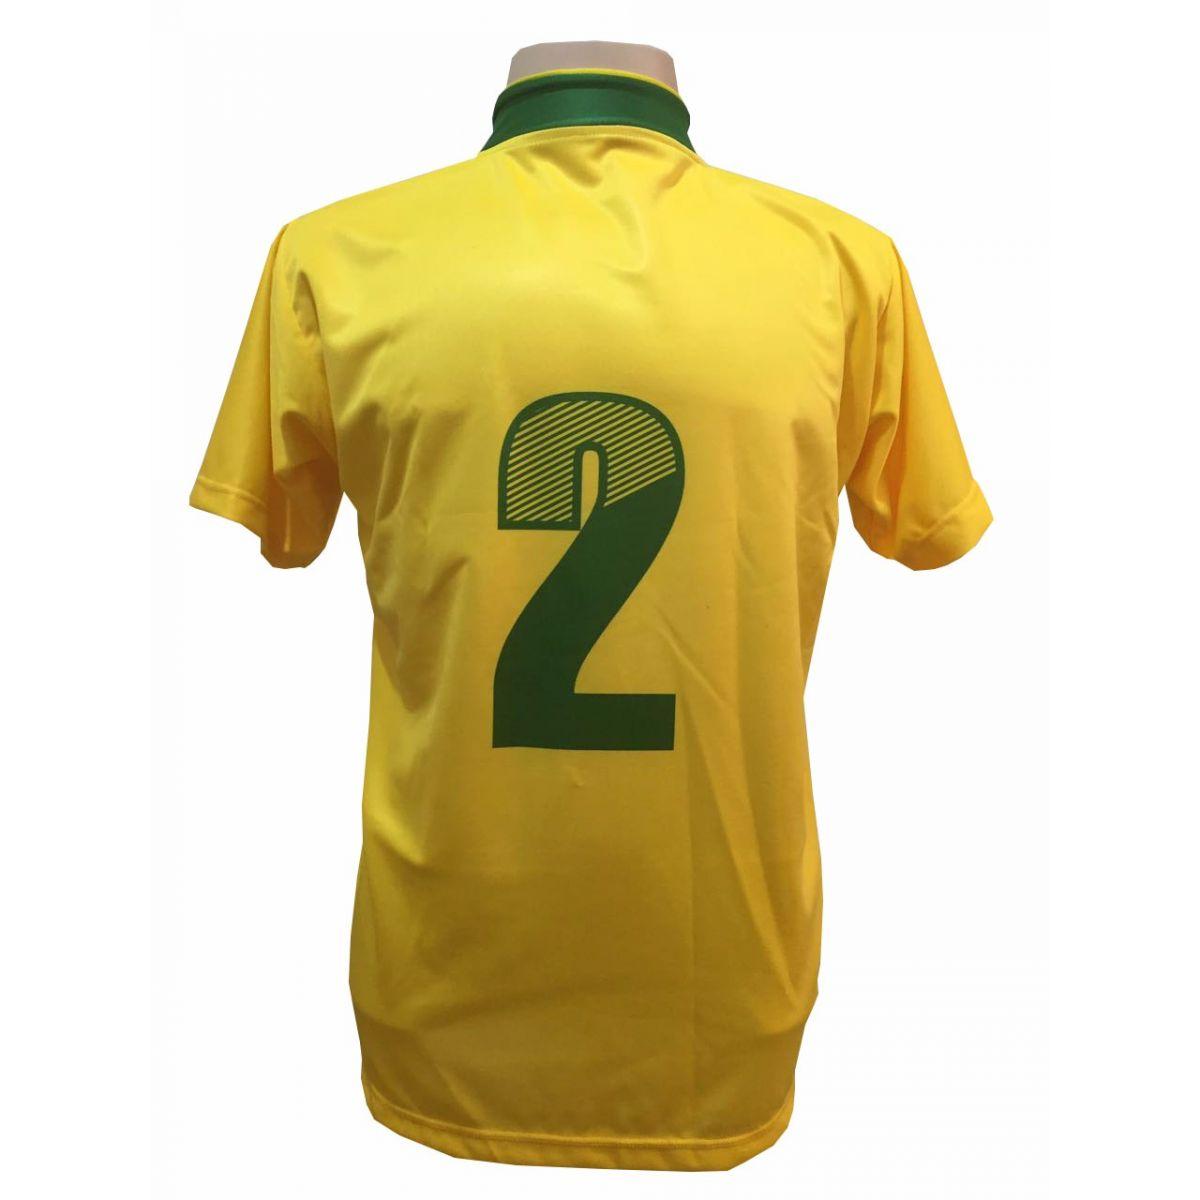 Uniforme Esportivo com 14 camisas modelo Palermo Amarelo/Verde + 14 calções modelo Madrid Verde + 14 pares de meiões Verde + Brindes